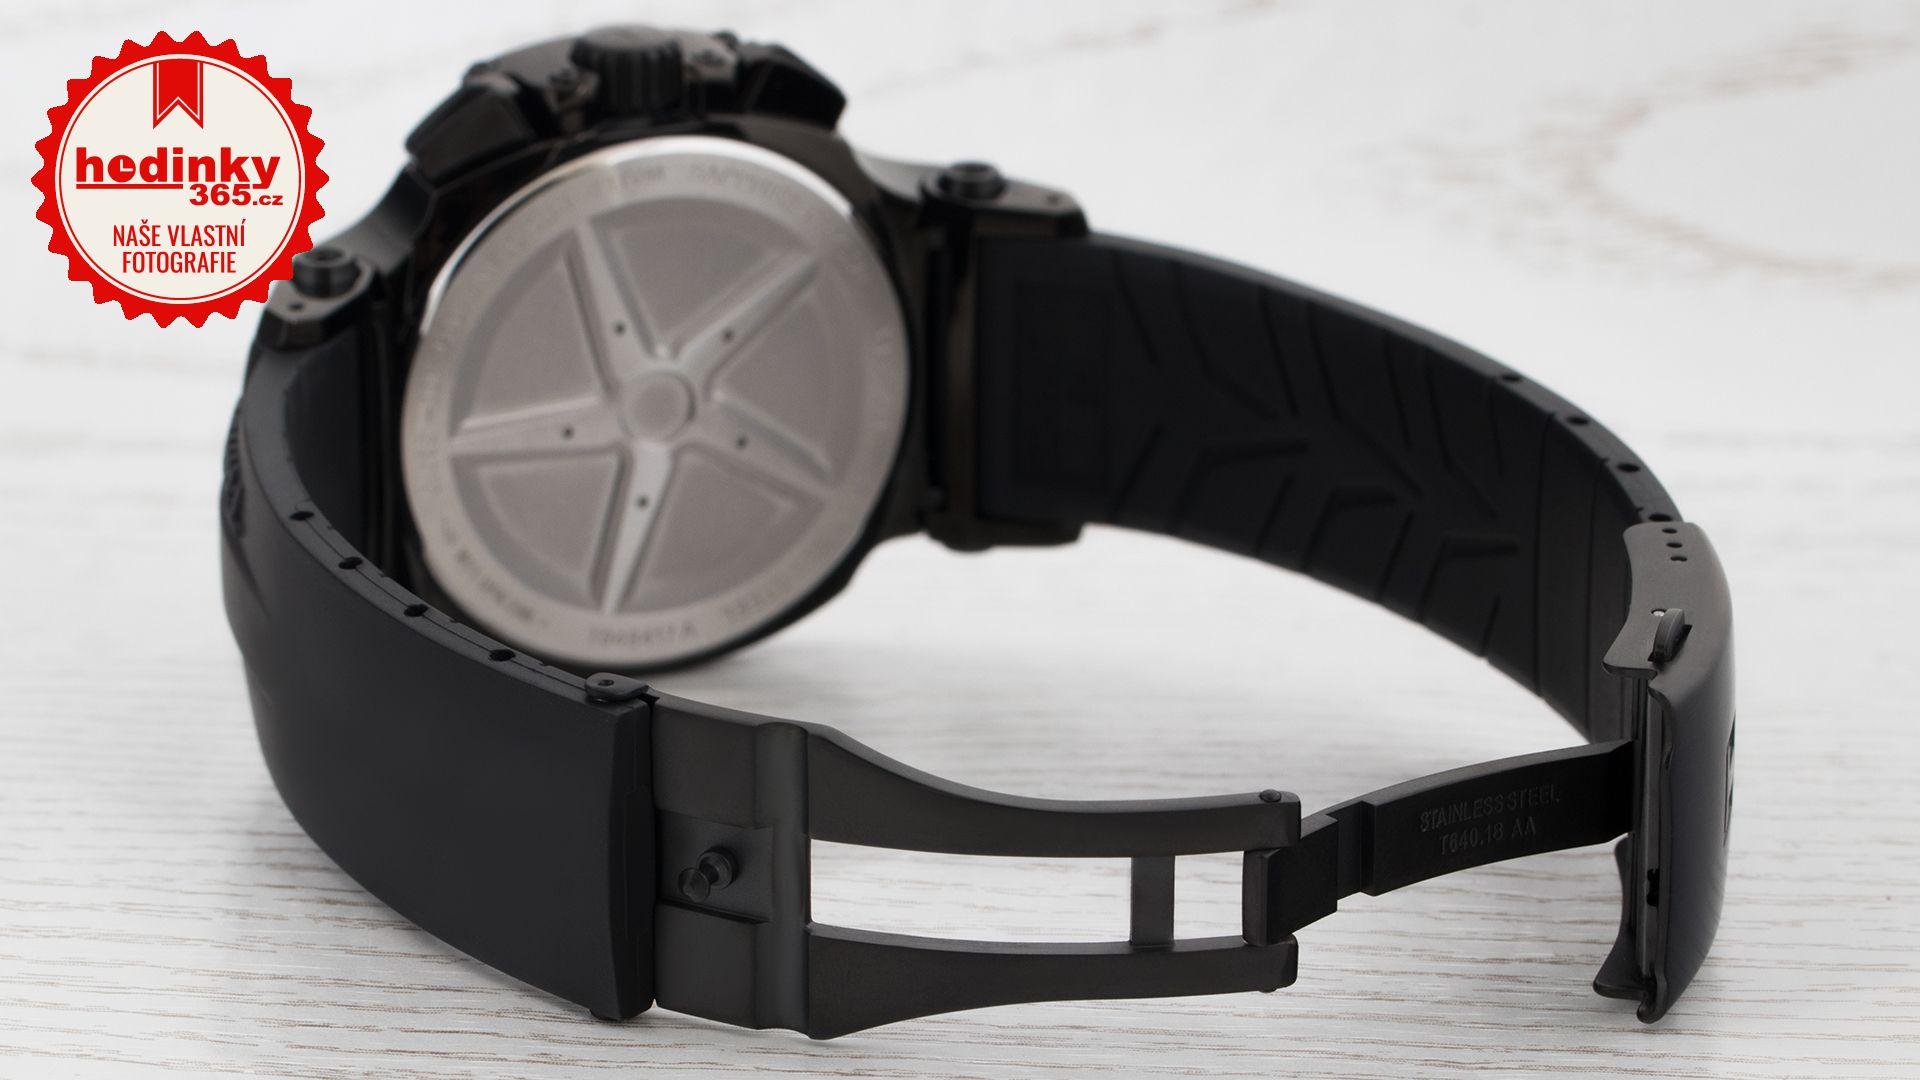 6431e1455 Pánské hodinky - plastový řemínek, ocel pouzdro, safírové sklíčko. Veškeré  technické parametry naleznete níže